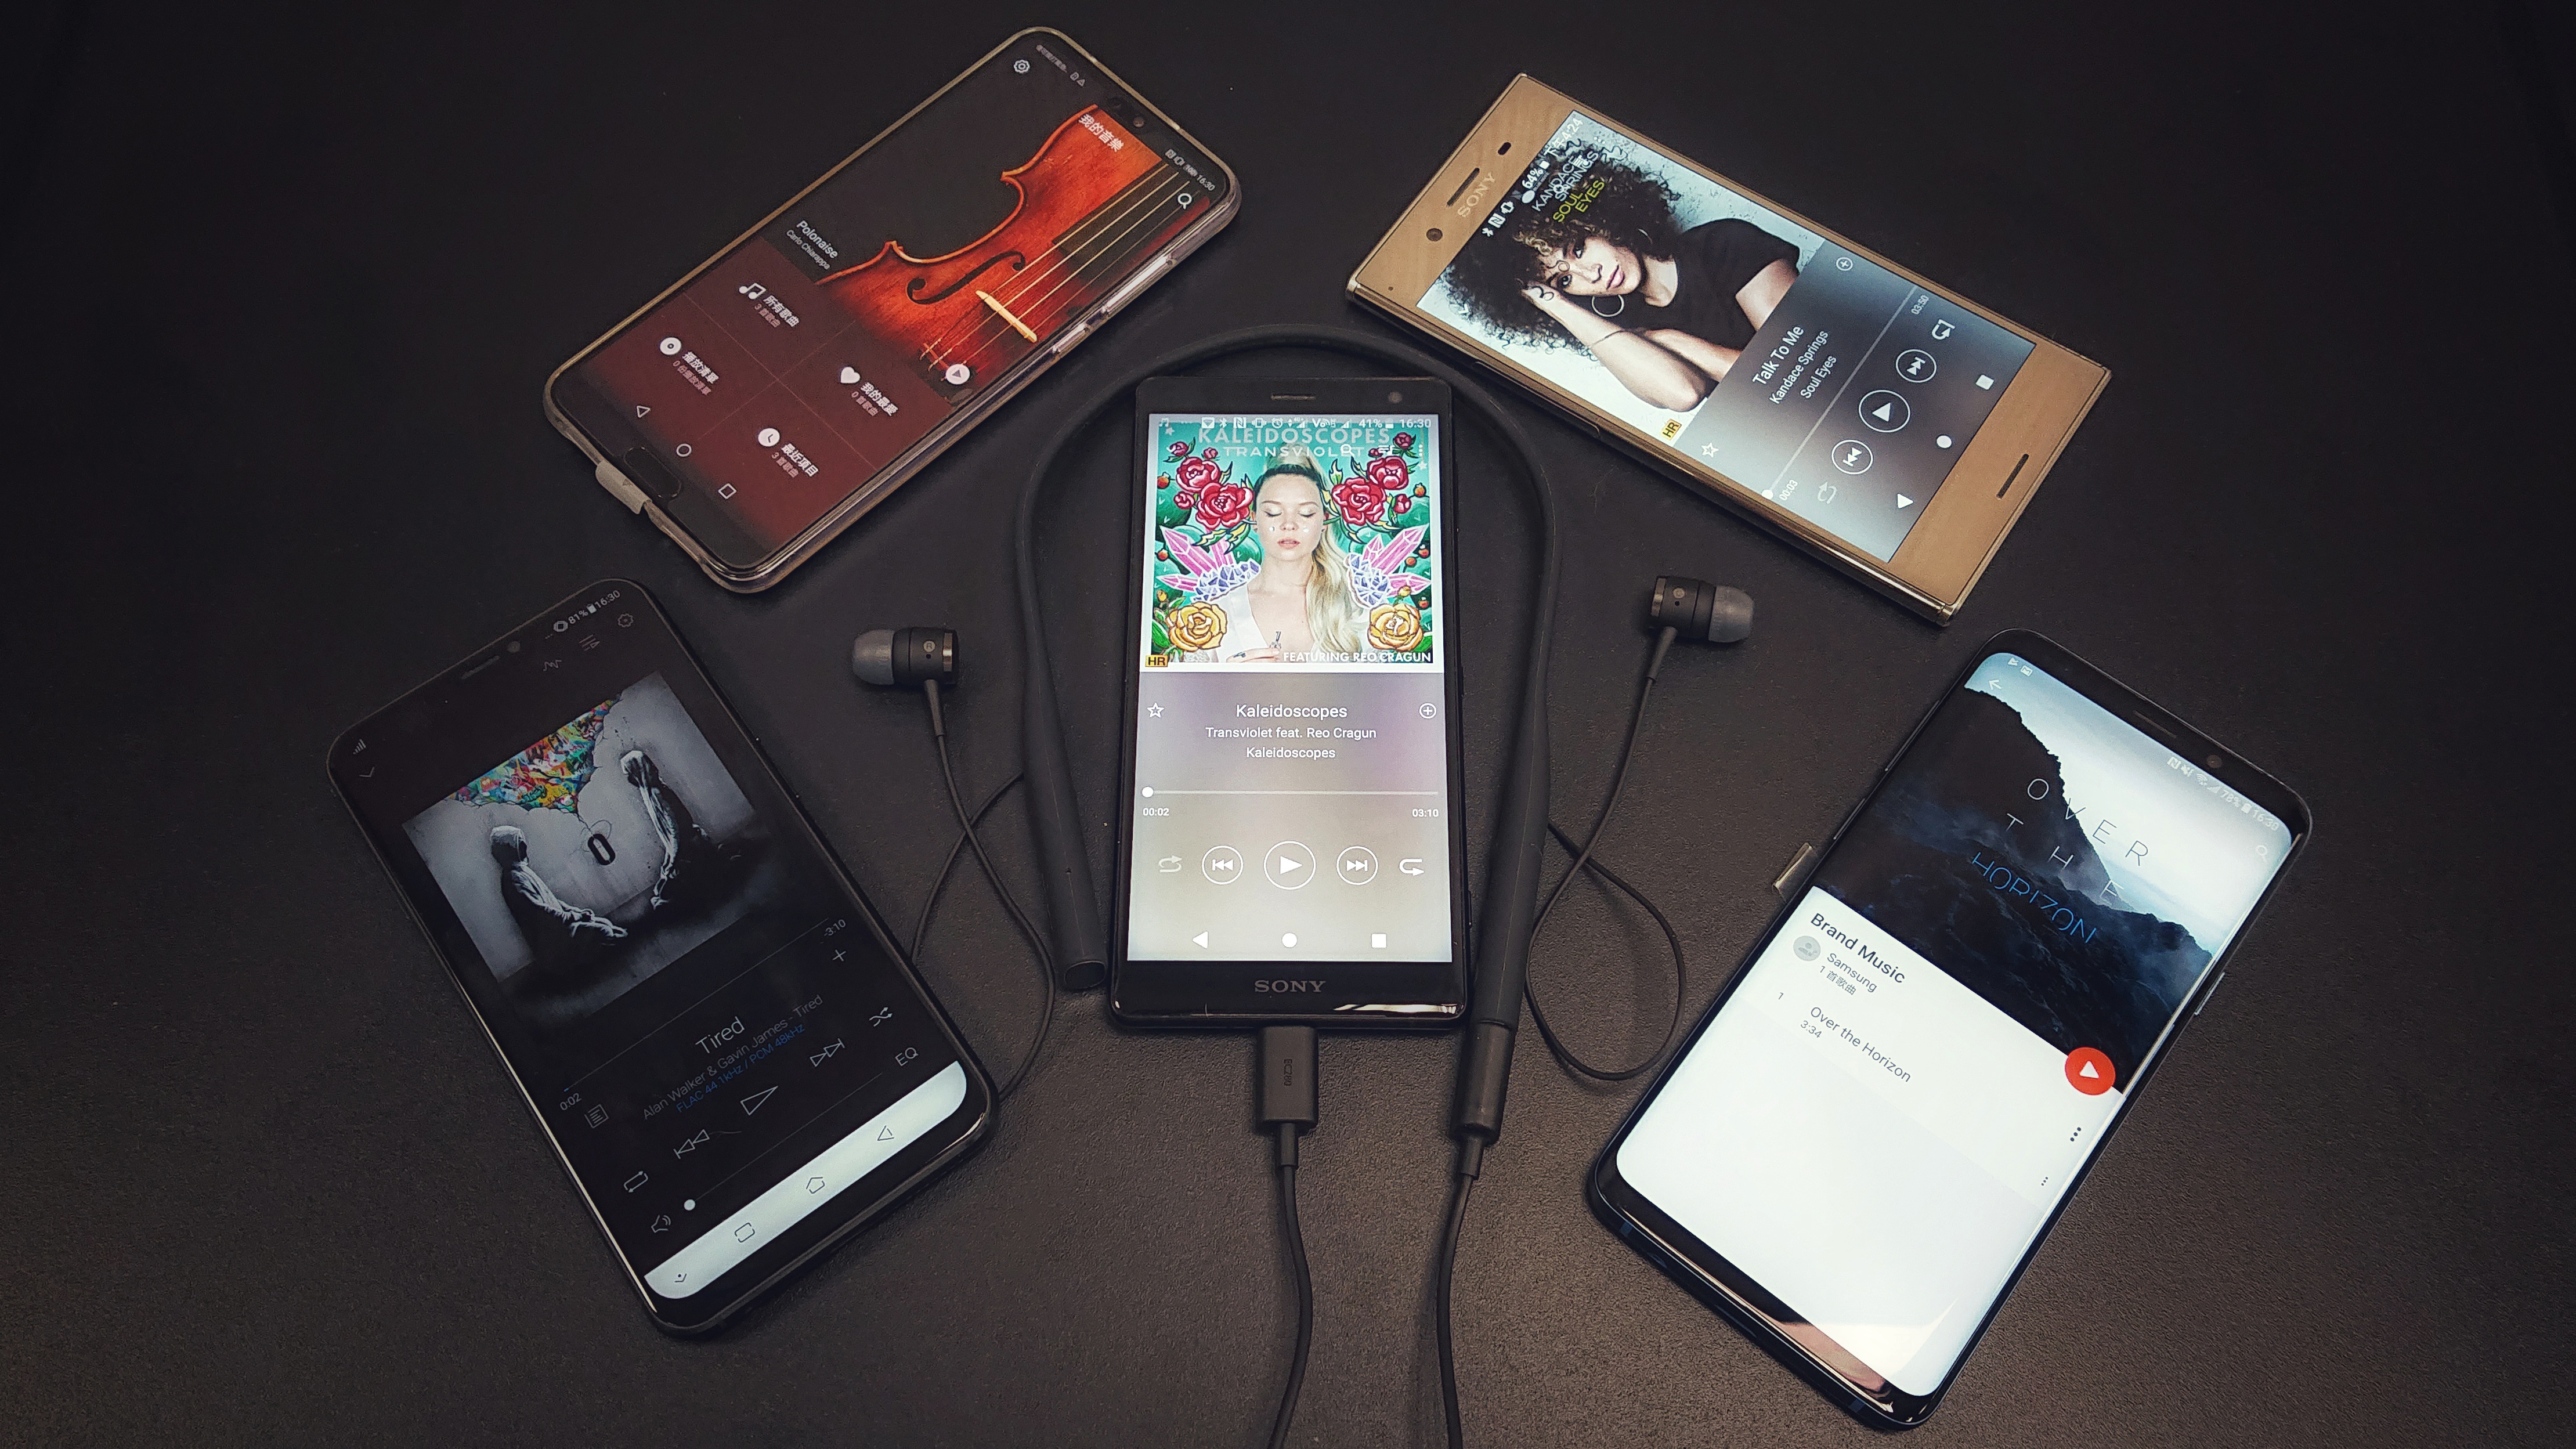 「開箱評測」SBH90c Hi-Res 藍牙耳機,有線無線都好用 - 14